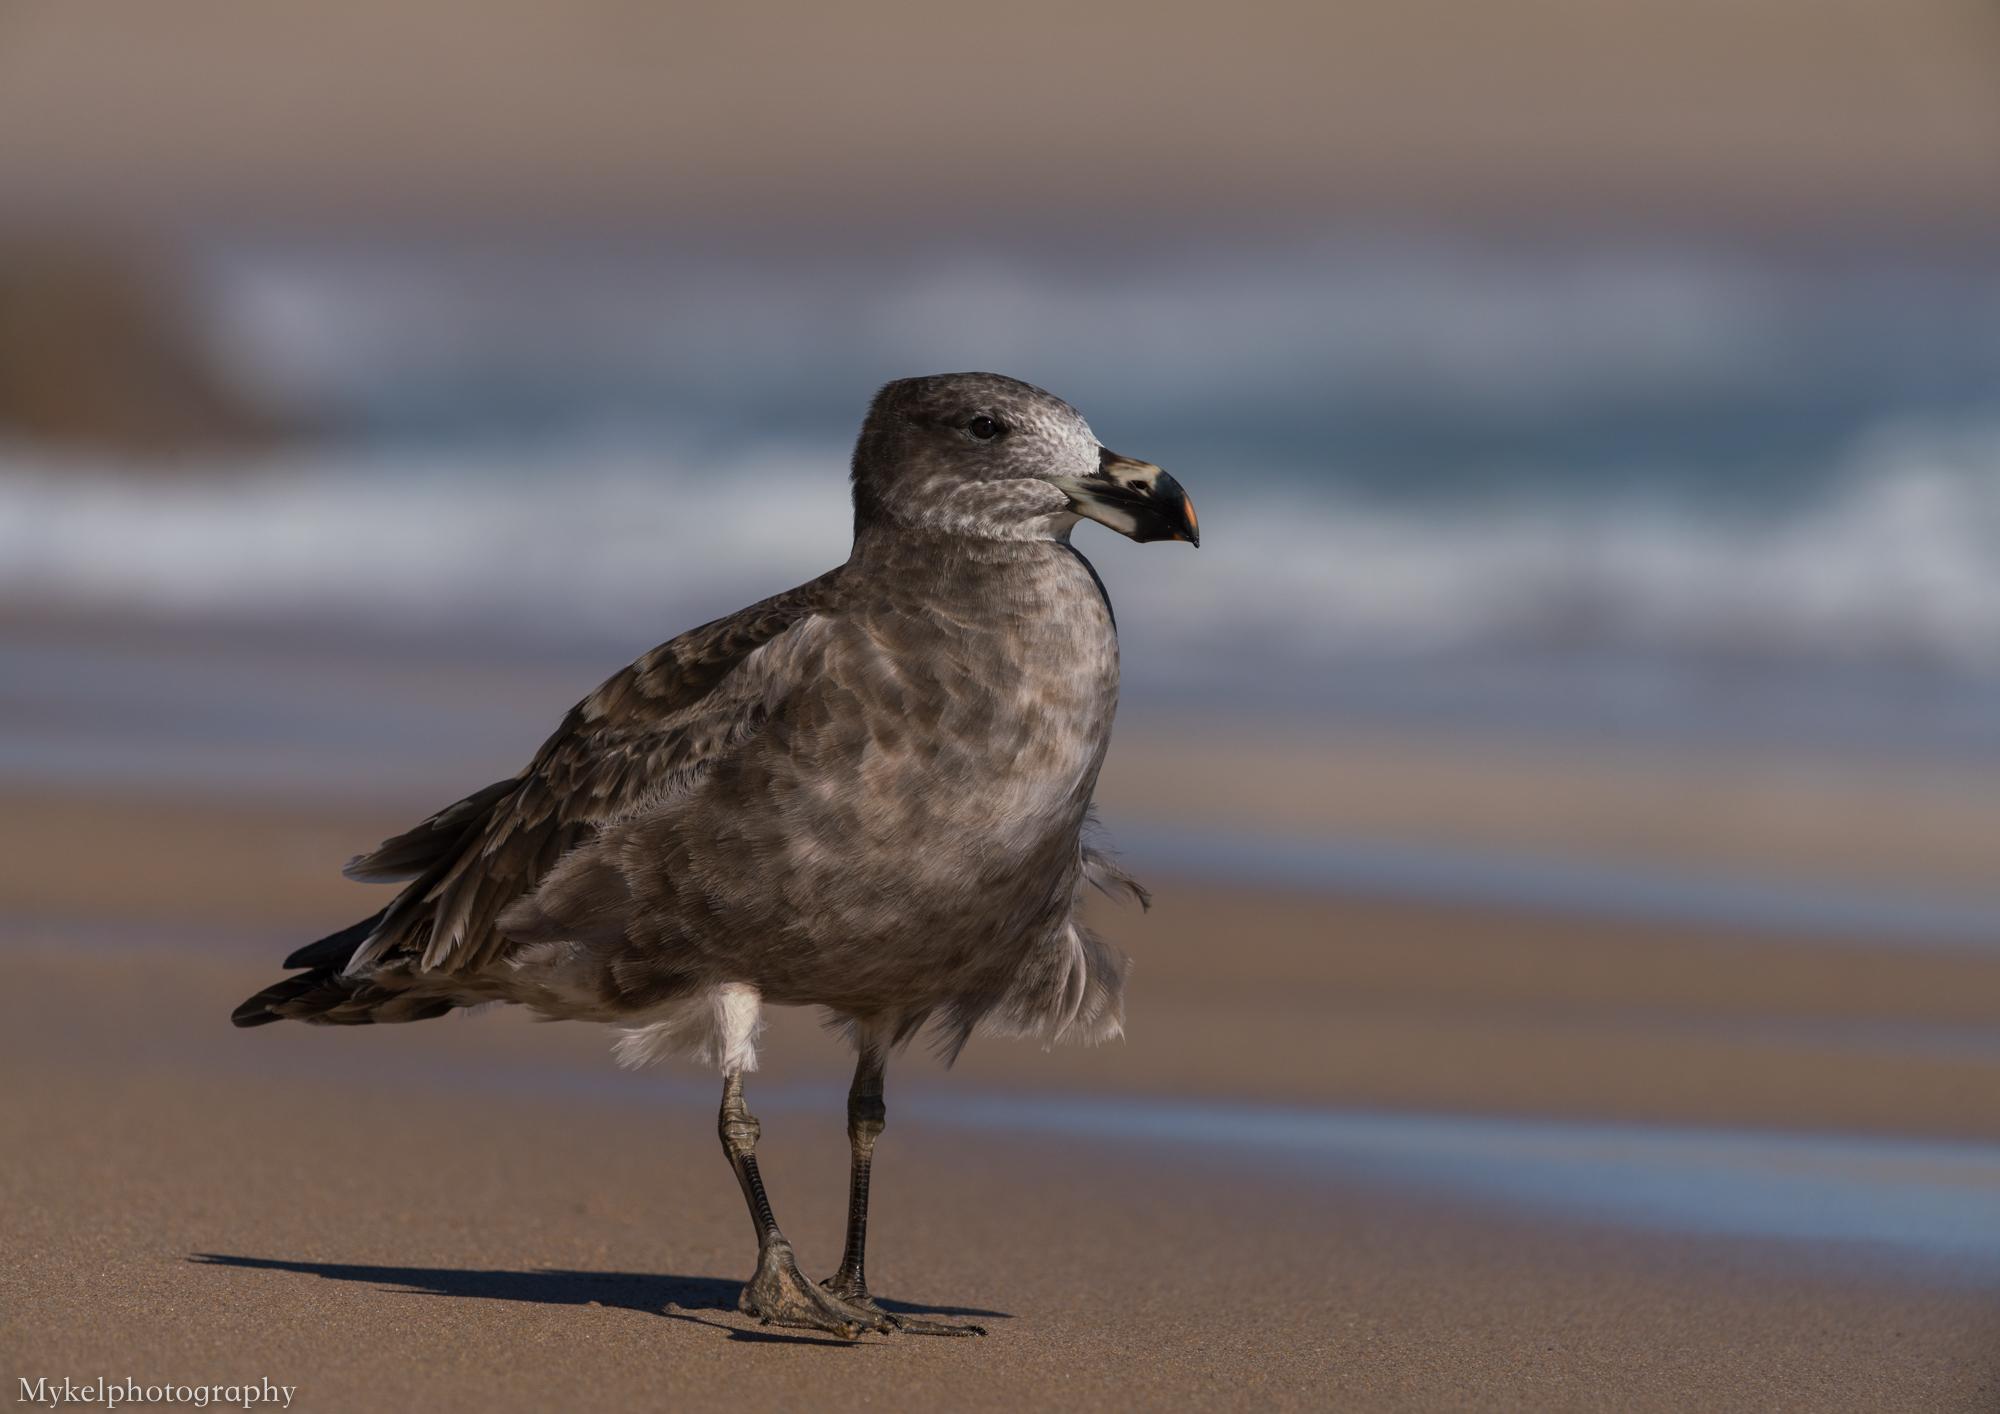 Pacific Gull, Larus pacificus Laridae